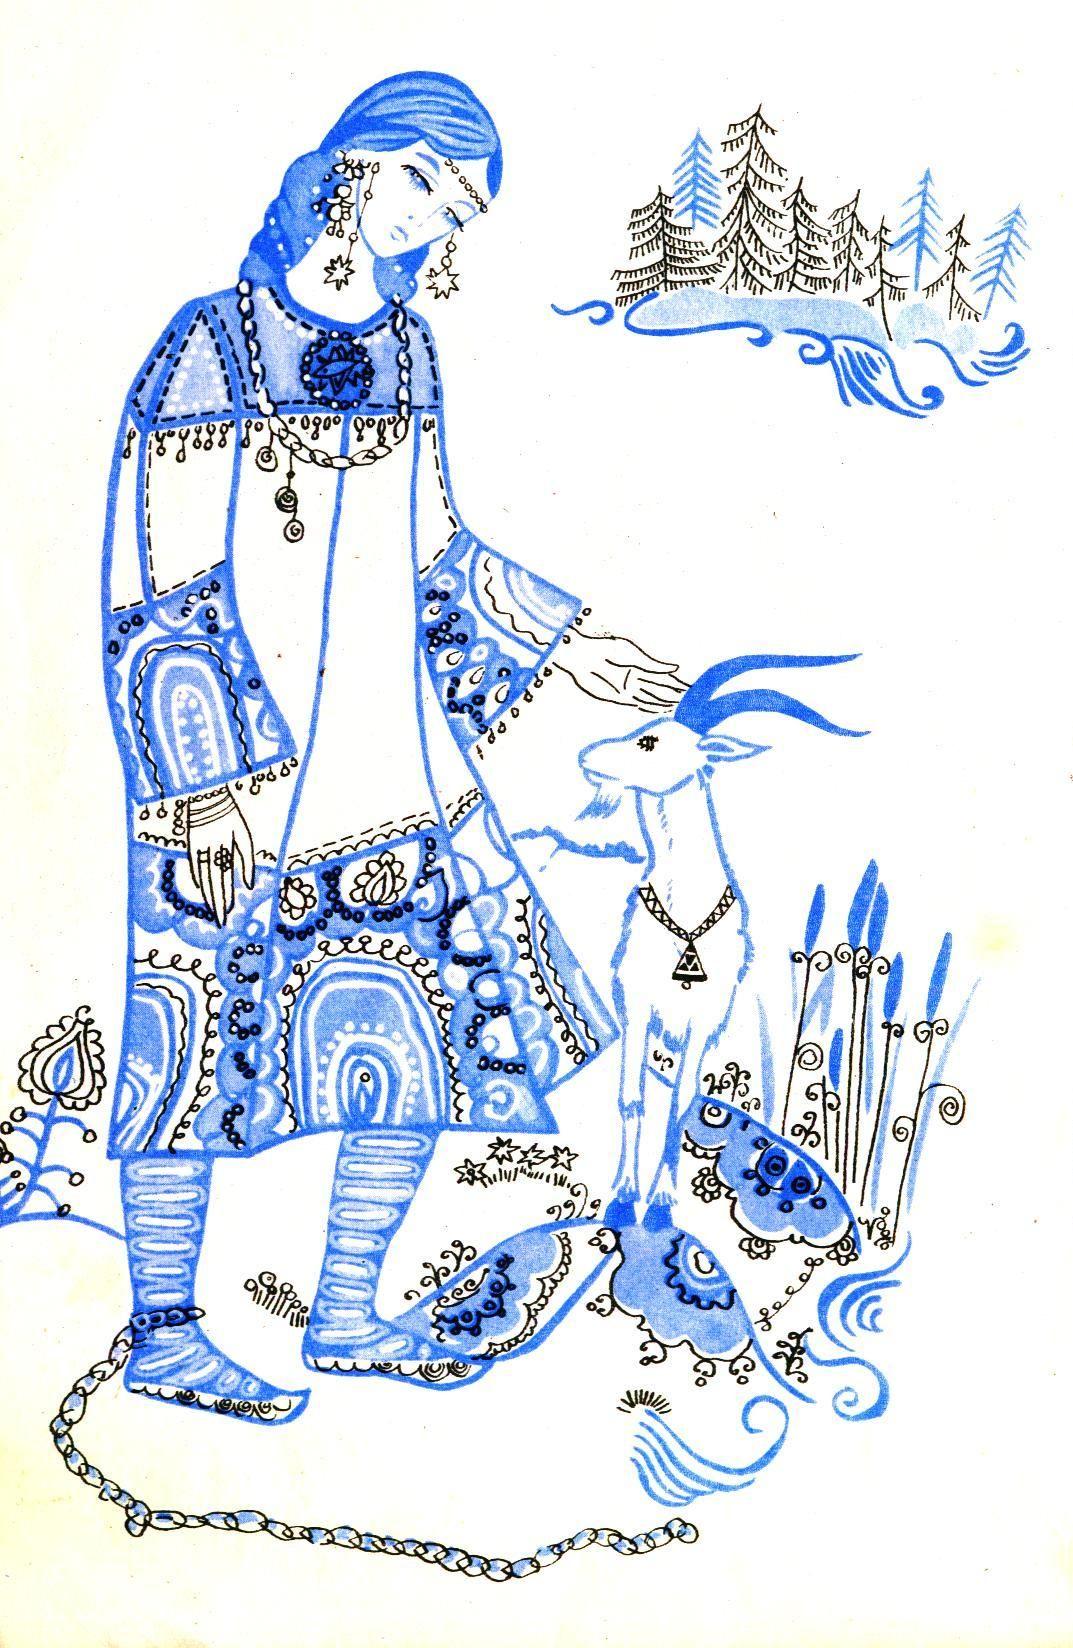 его белорусские сказки с иллюстрациями в графике свои ошибки выкину